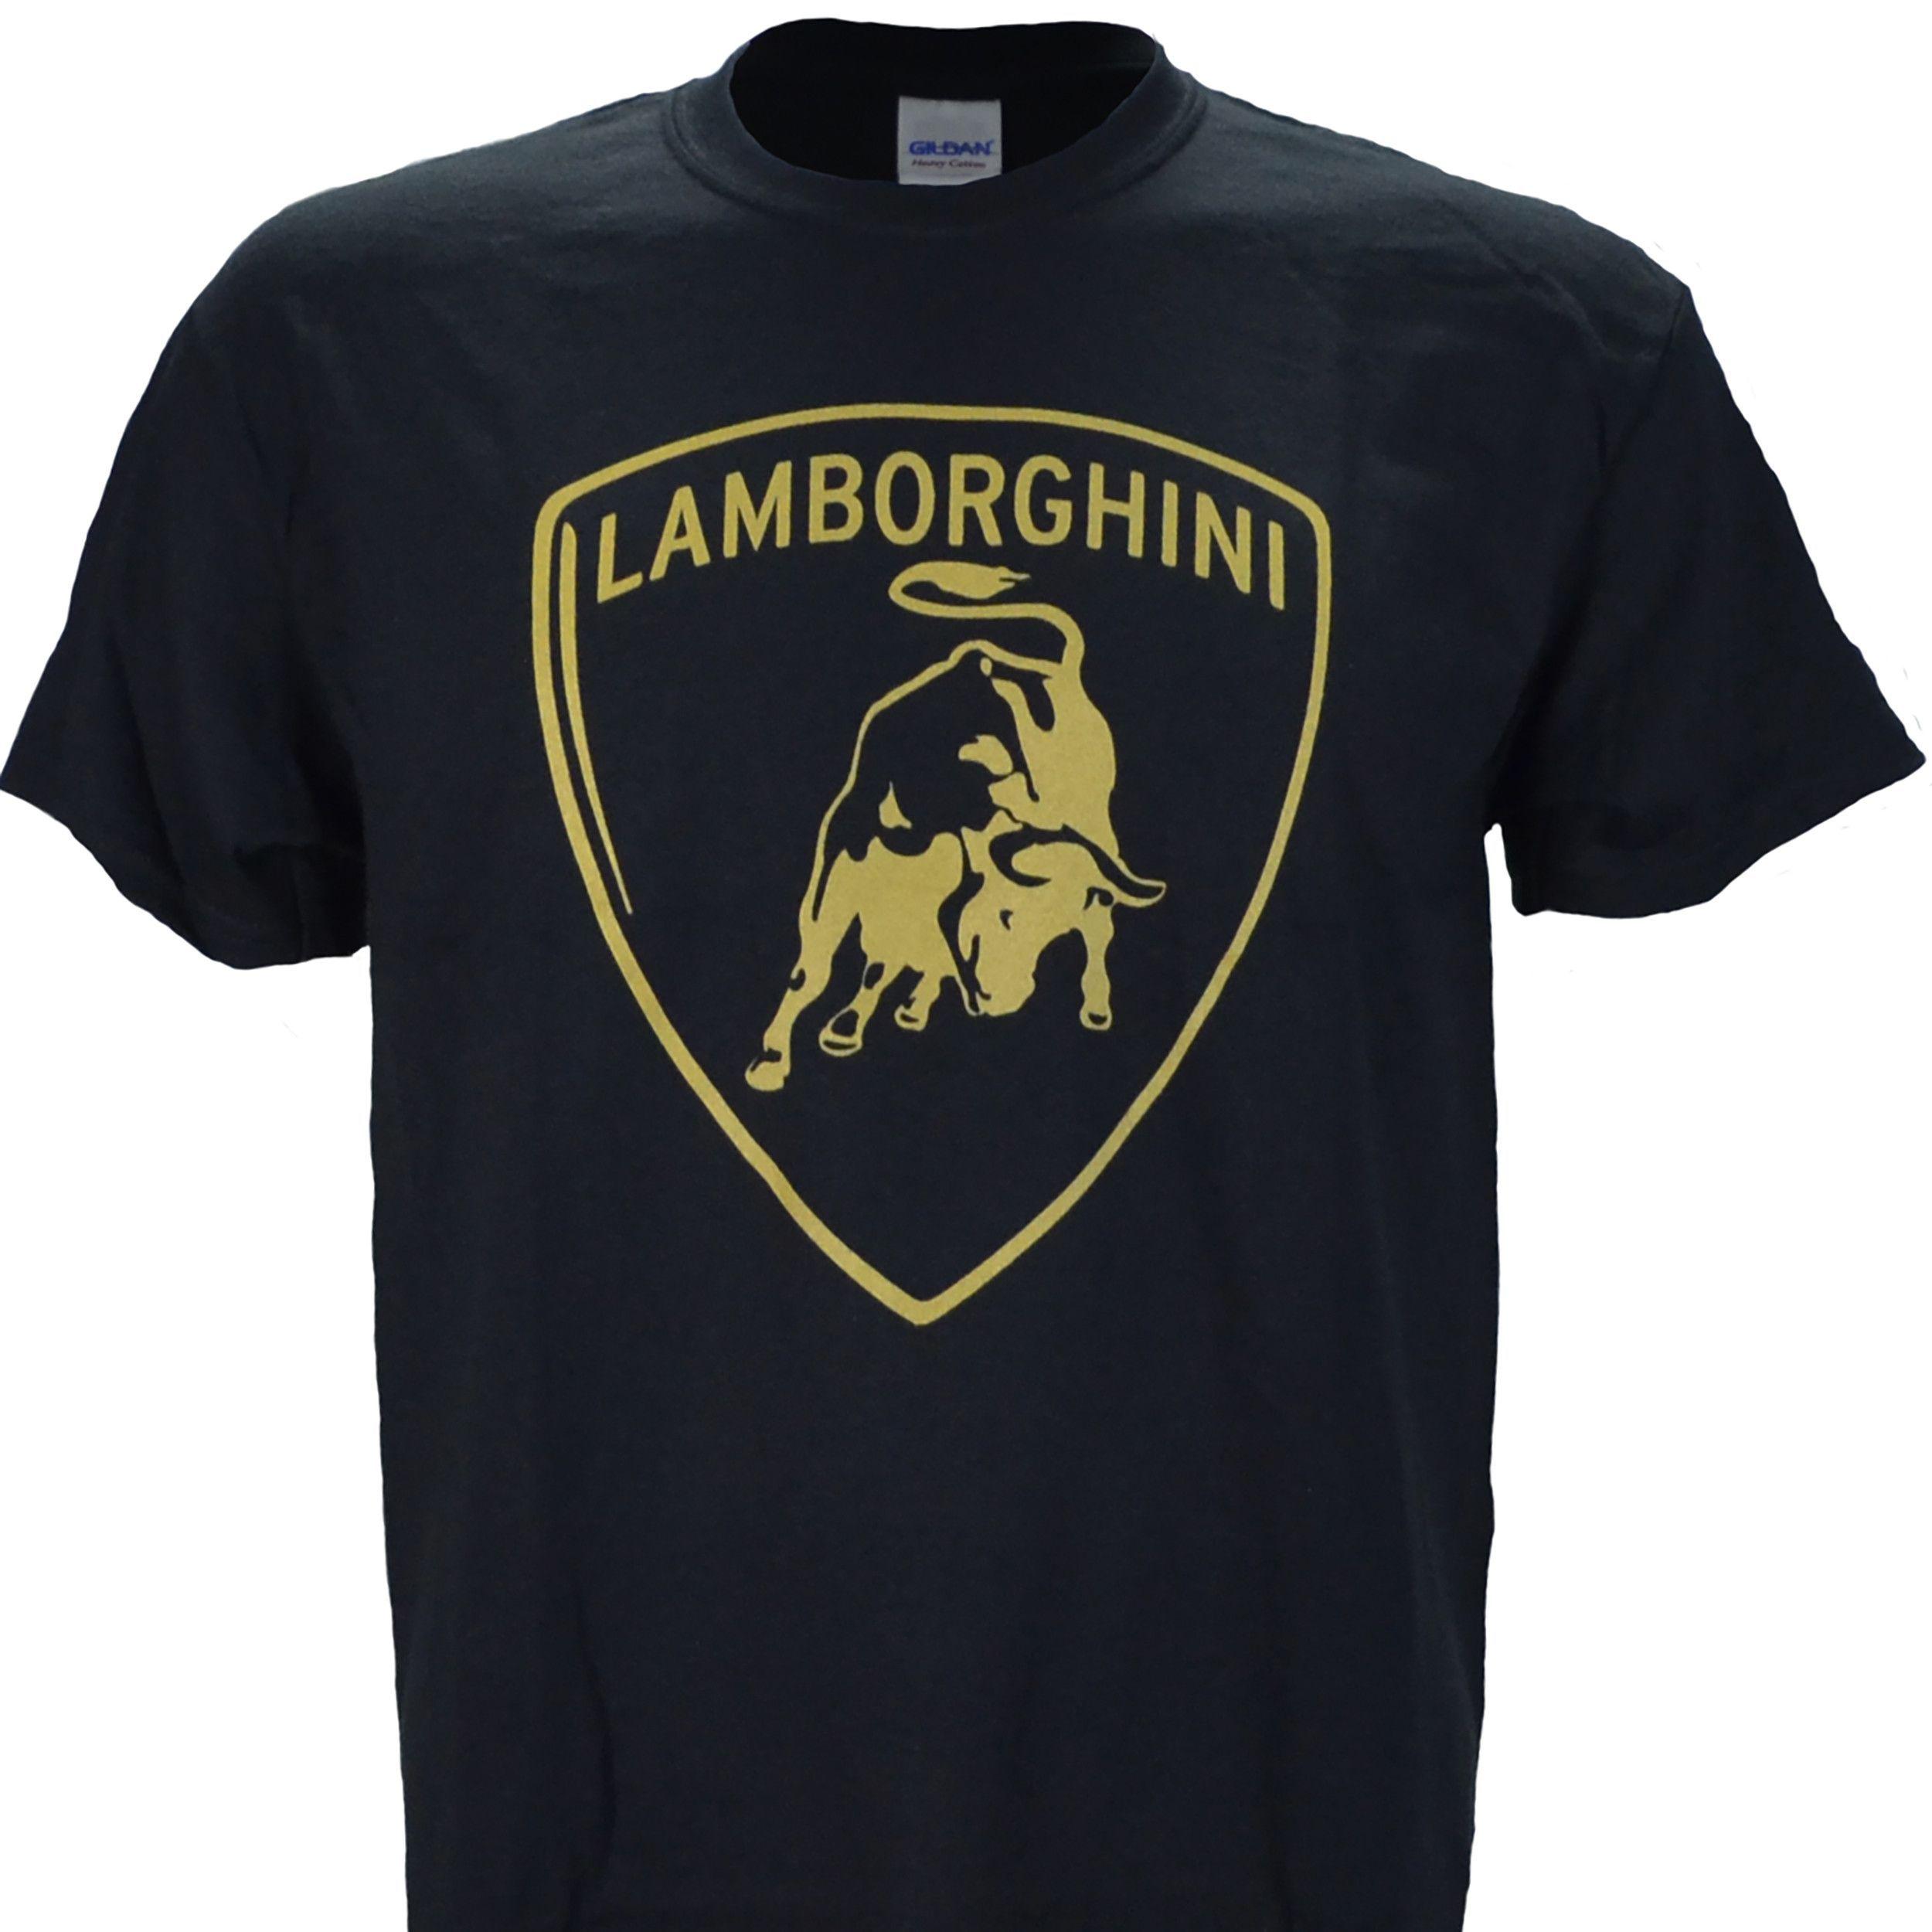 b4009d58672f Lamborghini Logo in Gold on a Black T Shirt | Lamborghini ...